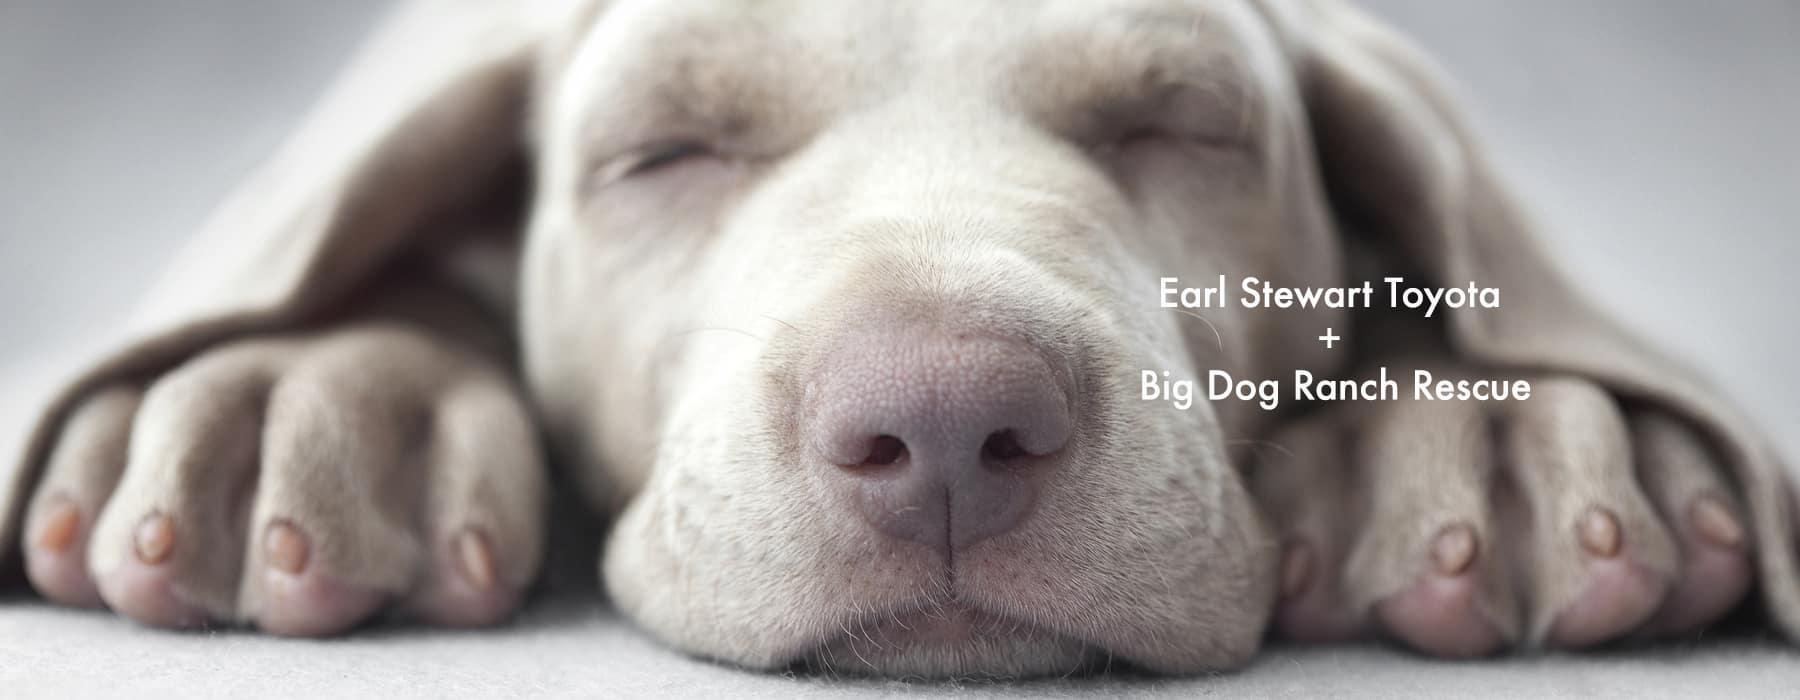 big dog ranch rescue earl stewart toyota